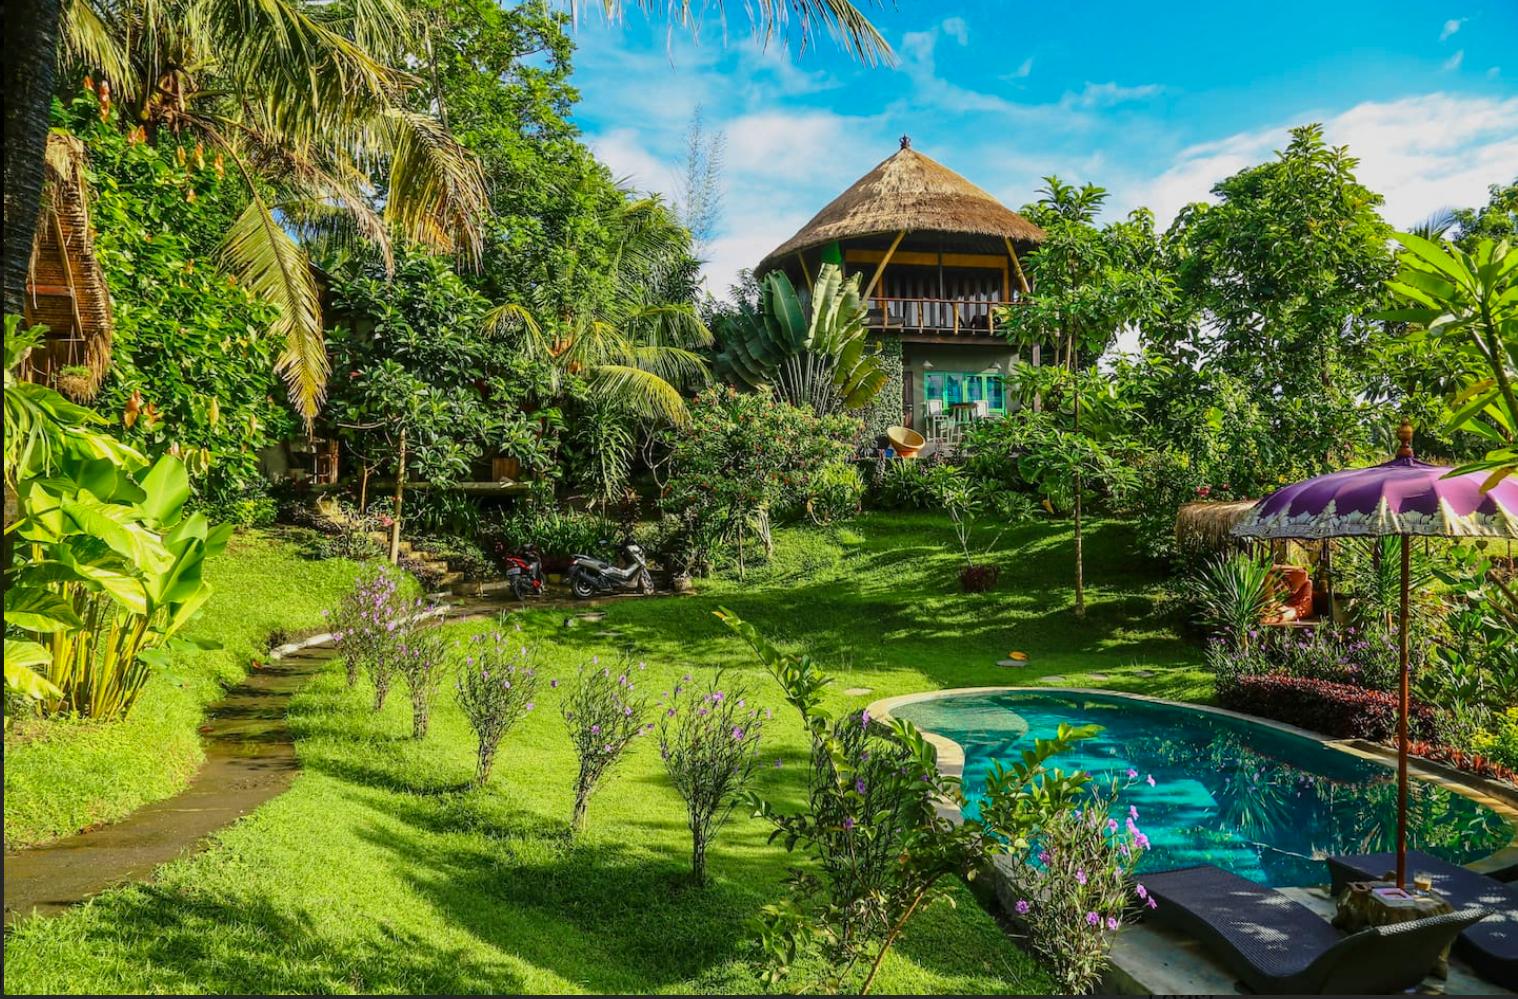 På Bali kan du hyra en trädkoja i djungeln.